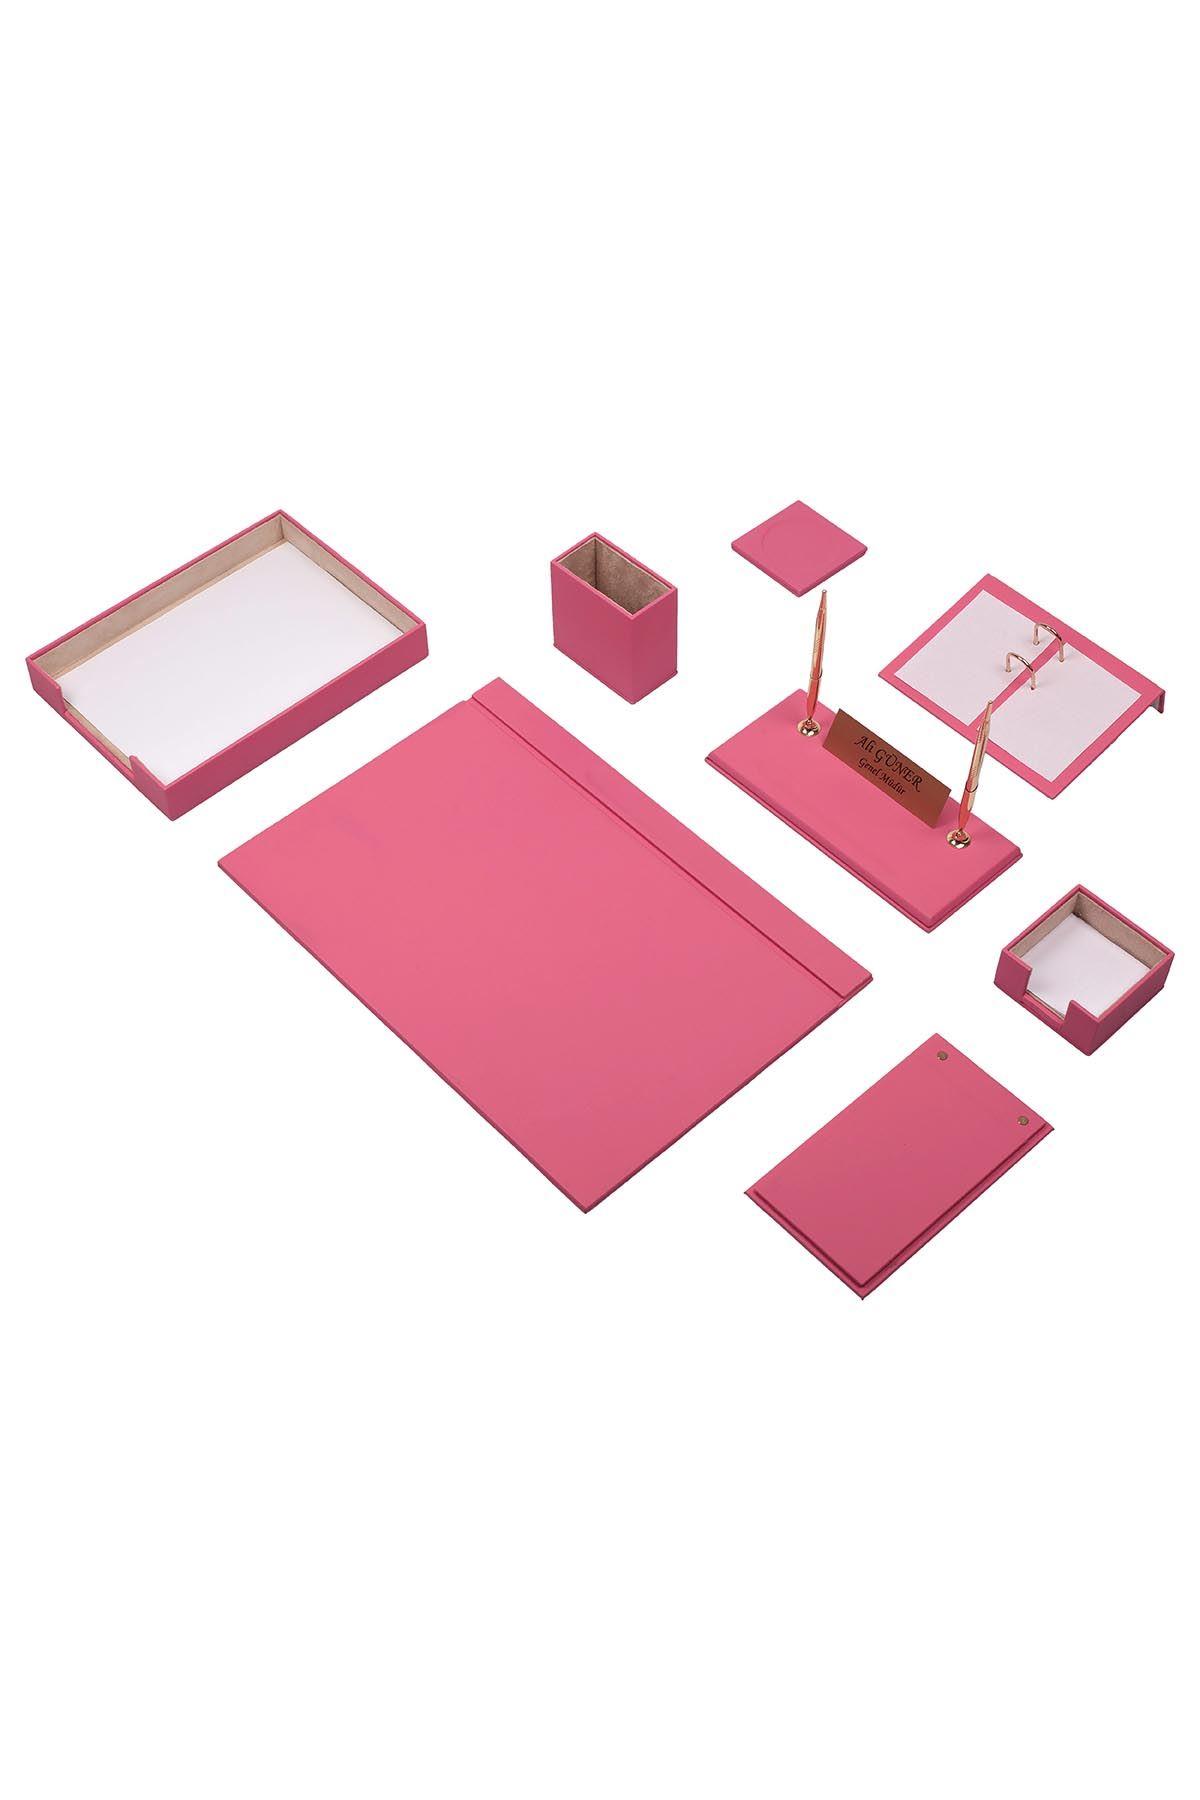 Leather Desk Organizer 10 Accessories Pink